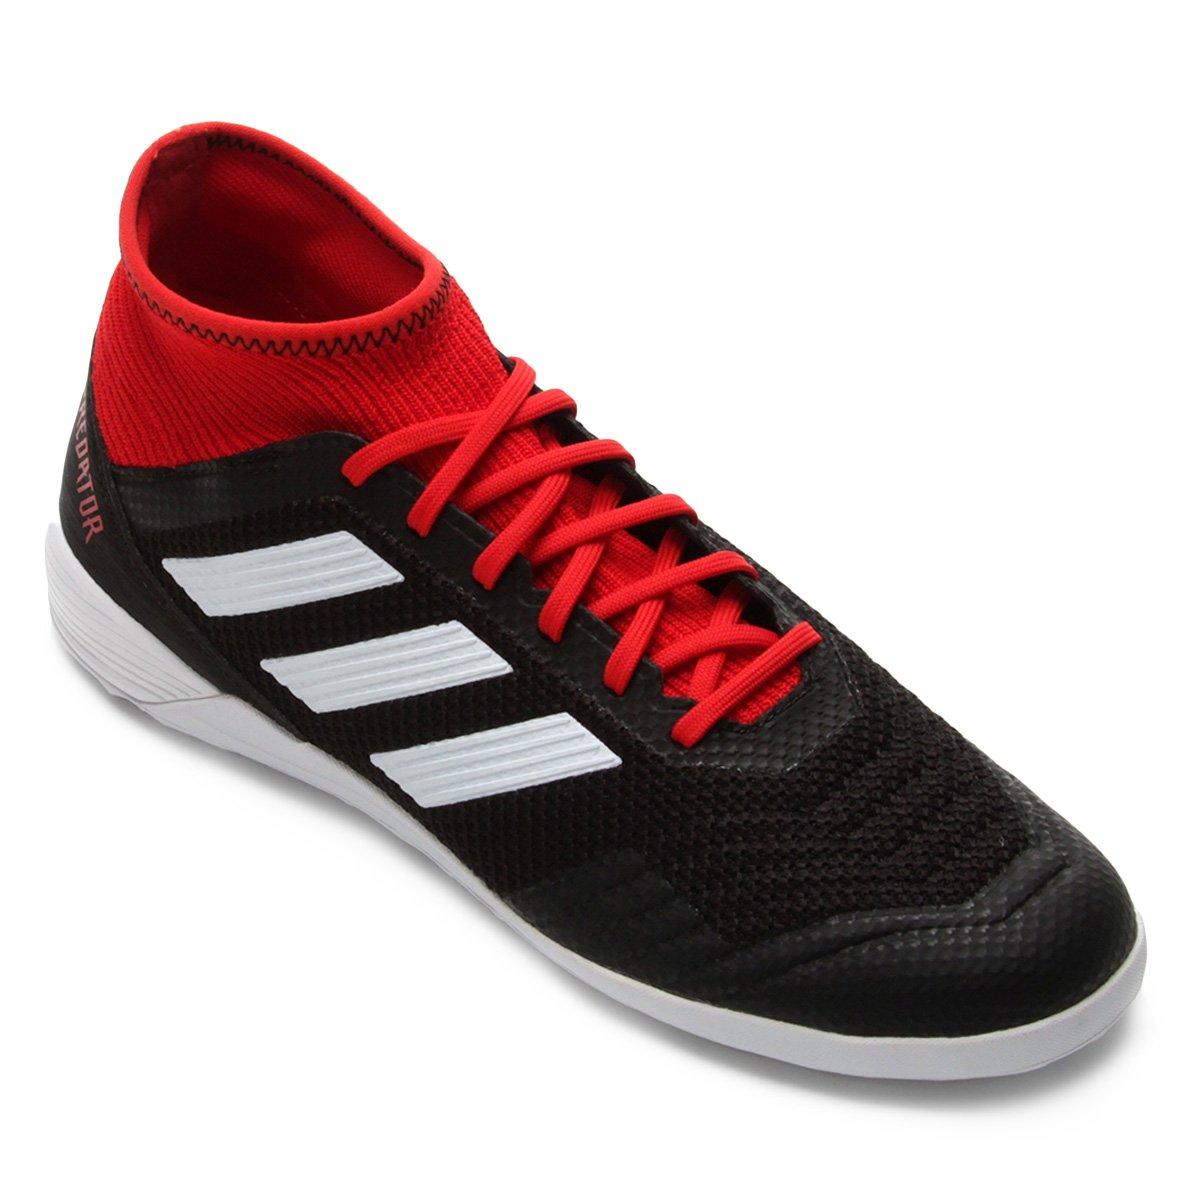 a7205c85a1e78 Chuteira Futsal Adidas Predator Tan 18 3 IN - Preto e Vermelho - Compre  Agora